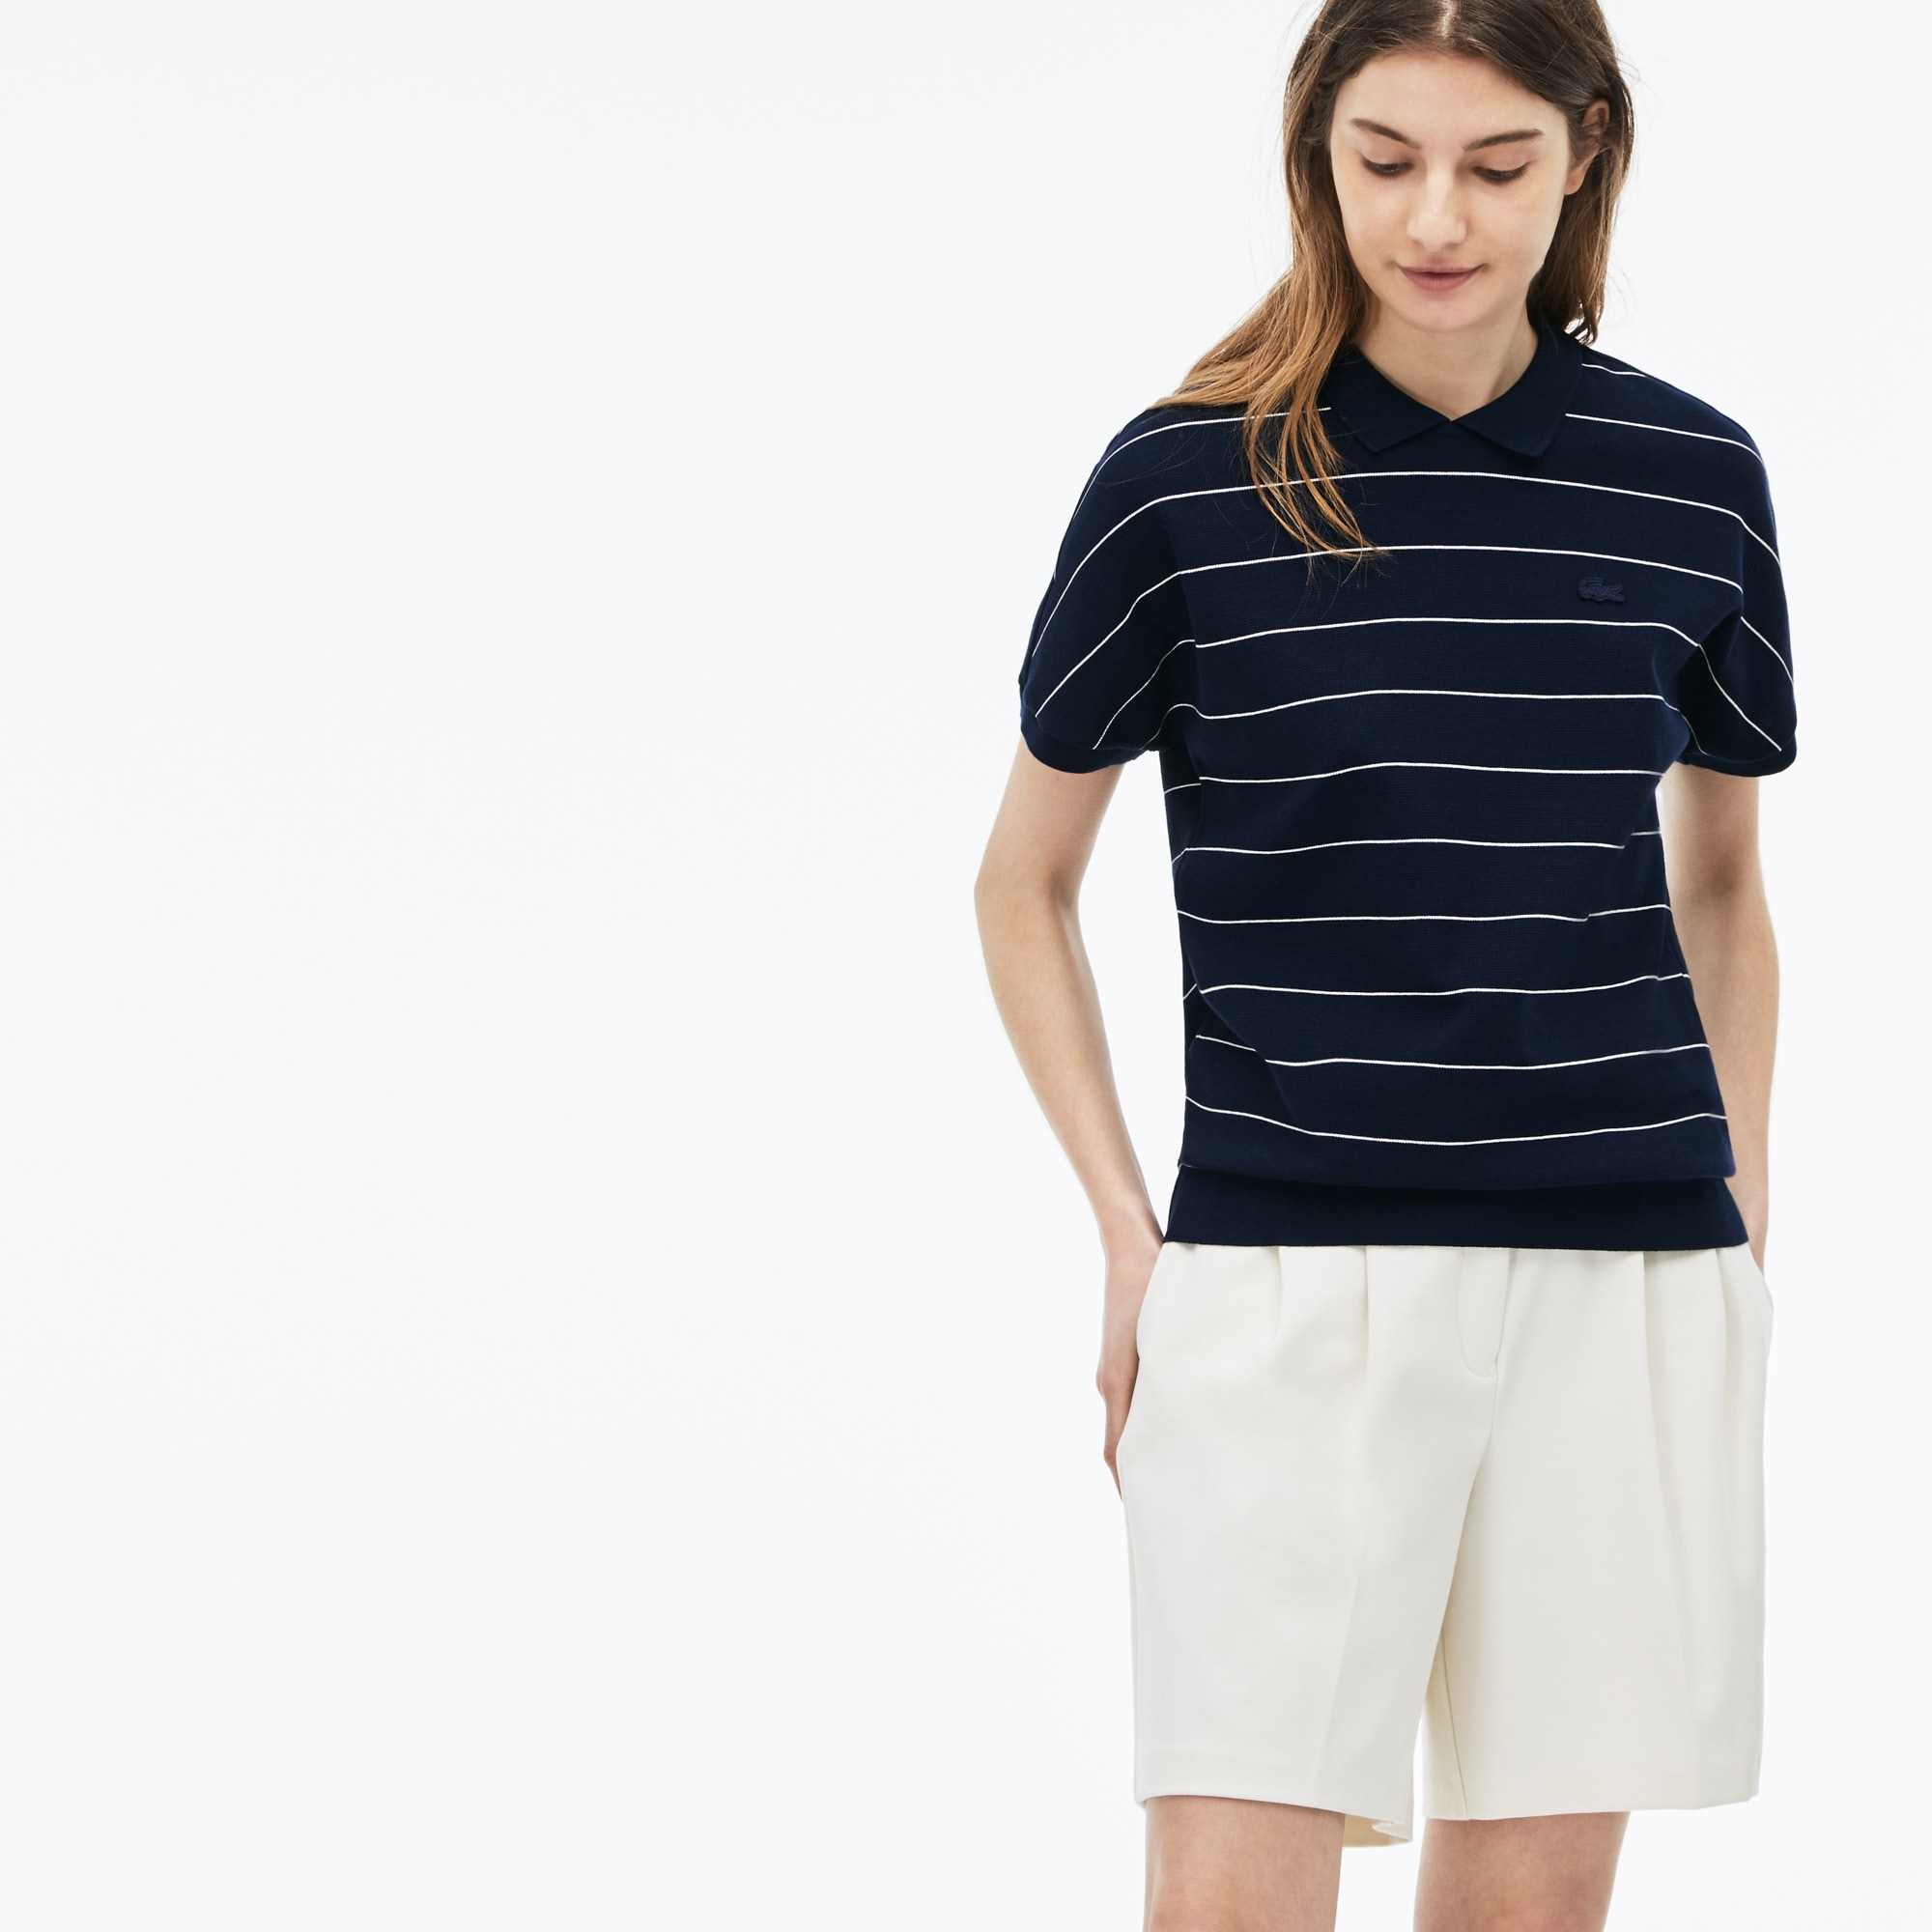 Damen-Poloshirt aus fein gestreifter Baumwolle mit Wabenstruktur